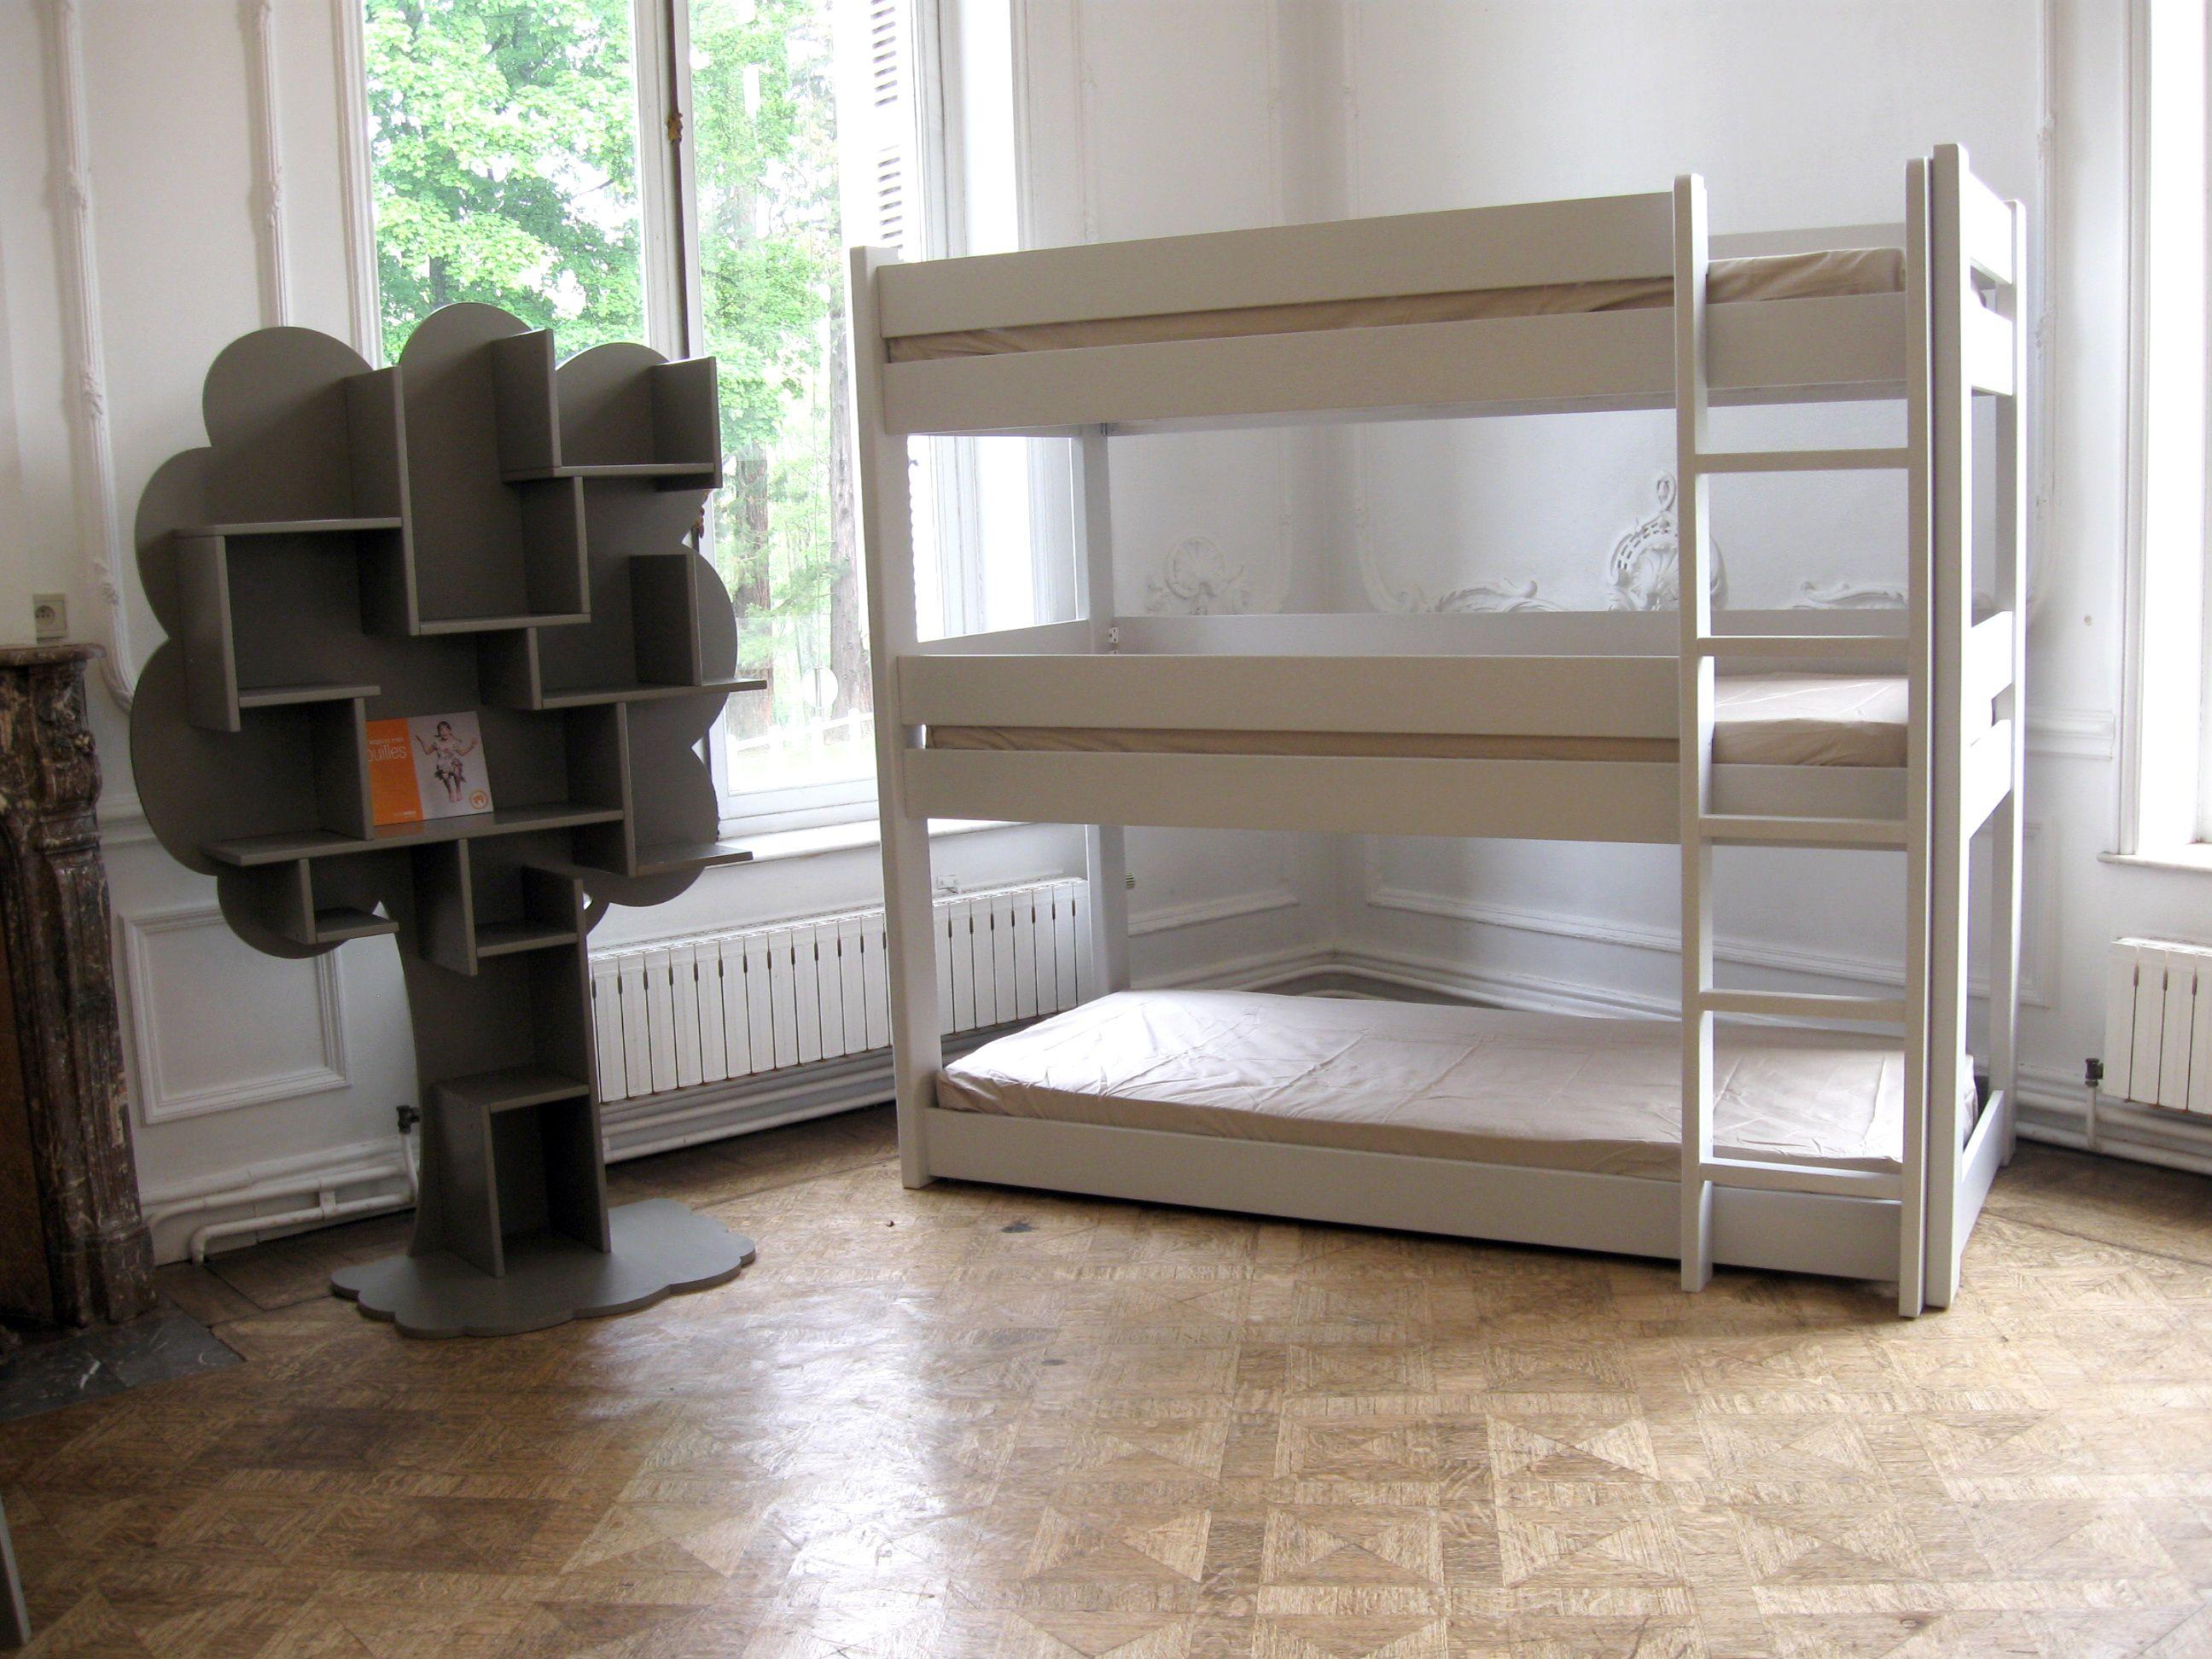 Wohnwagen Mit 3er Etagenbett : Ikea möbel wohnwagen er etagenbett dominque h kinderzimmer